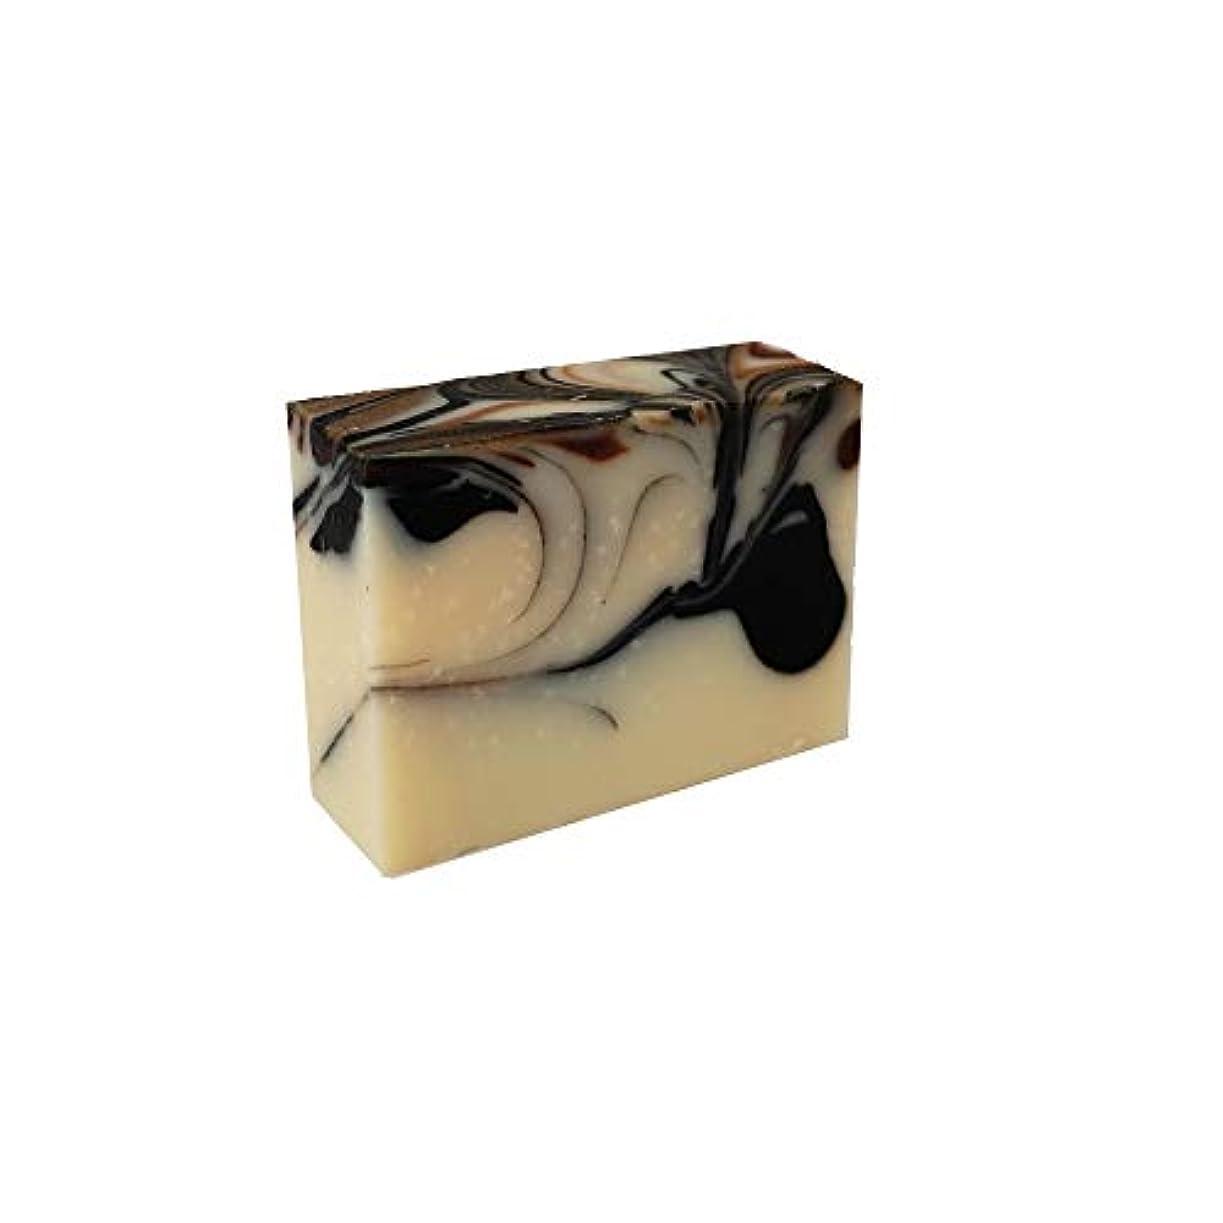 バズバルブジョットディボンドン石けん工房花華の黒の極み石けん コールドプロセス製法 80g